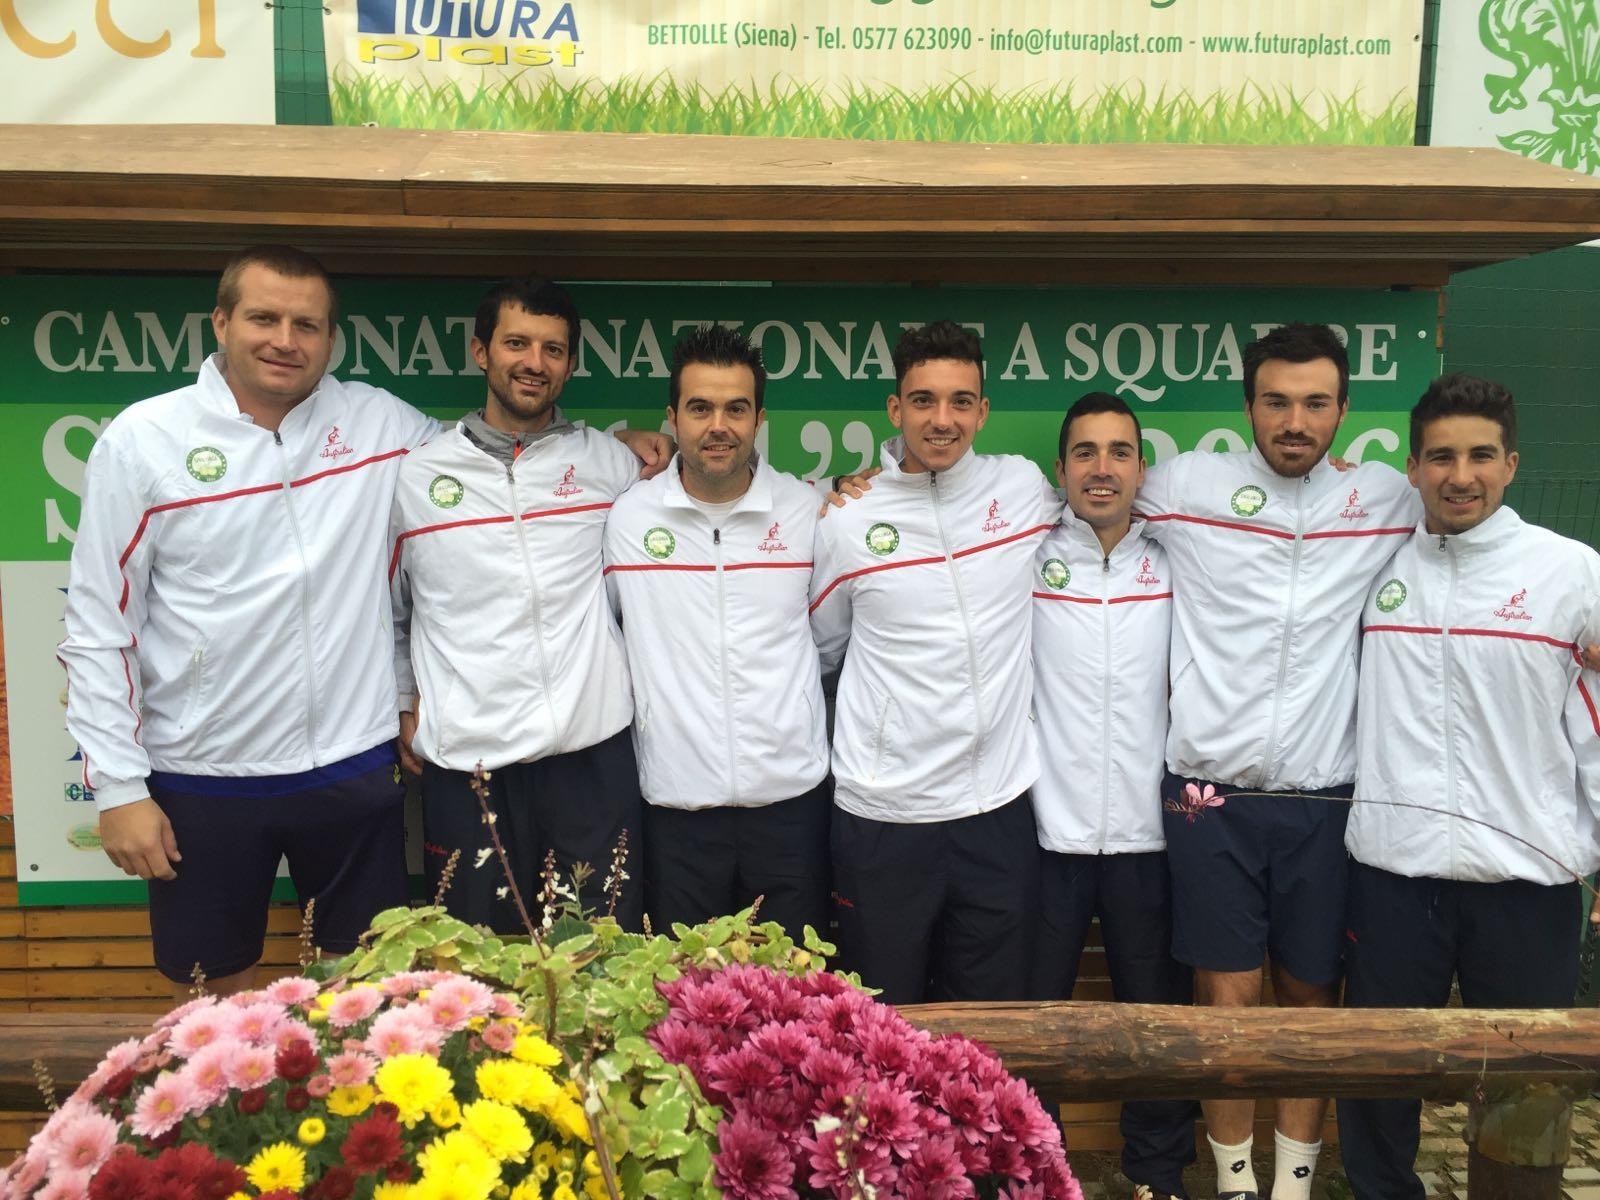 Il TC Sinalunga resta in serie A, conquistata la salvezza a Pavia